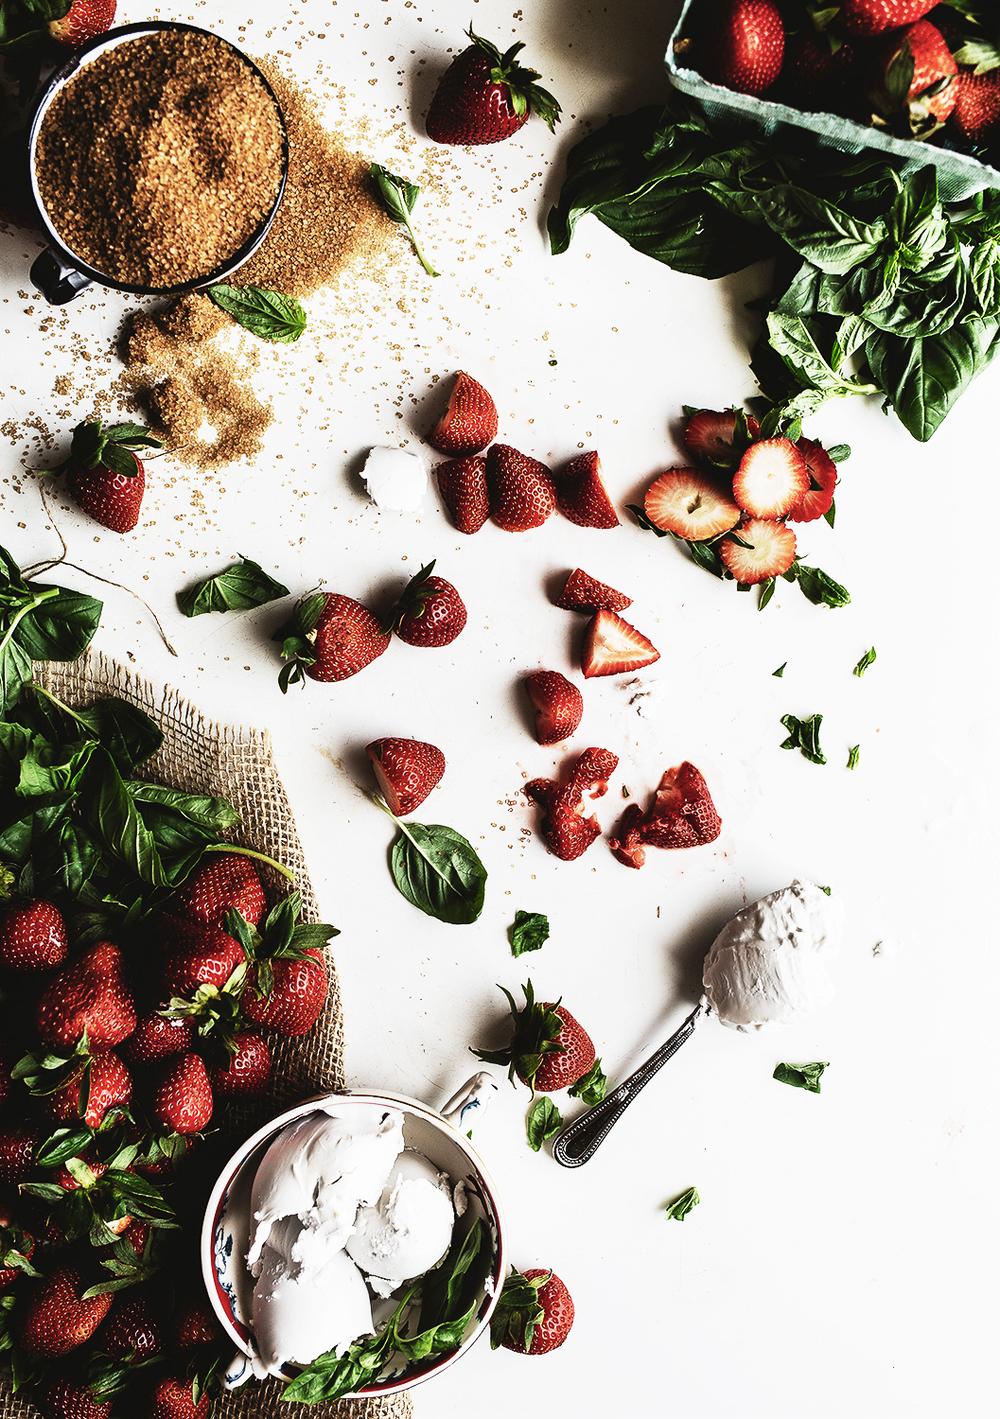 strawberry ice cream ingredients